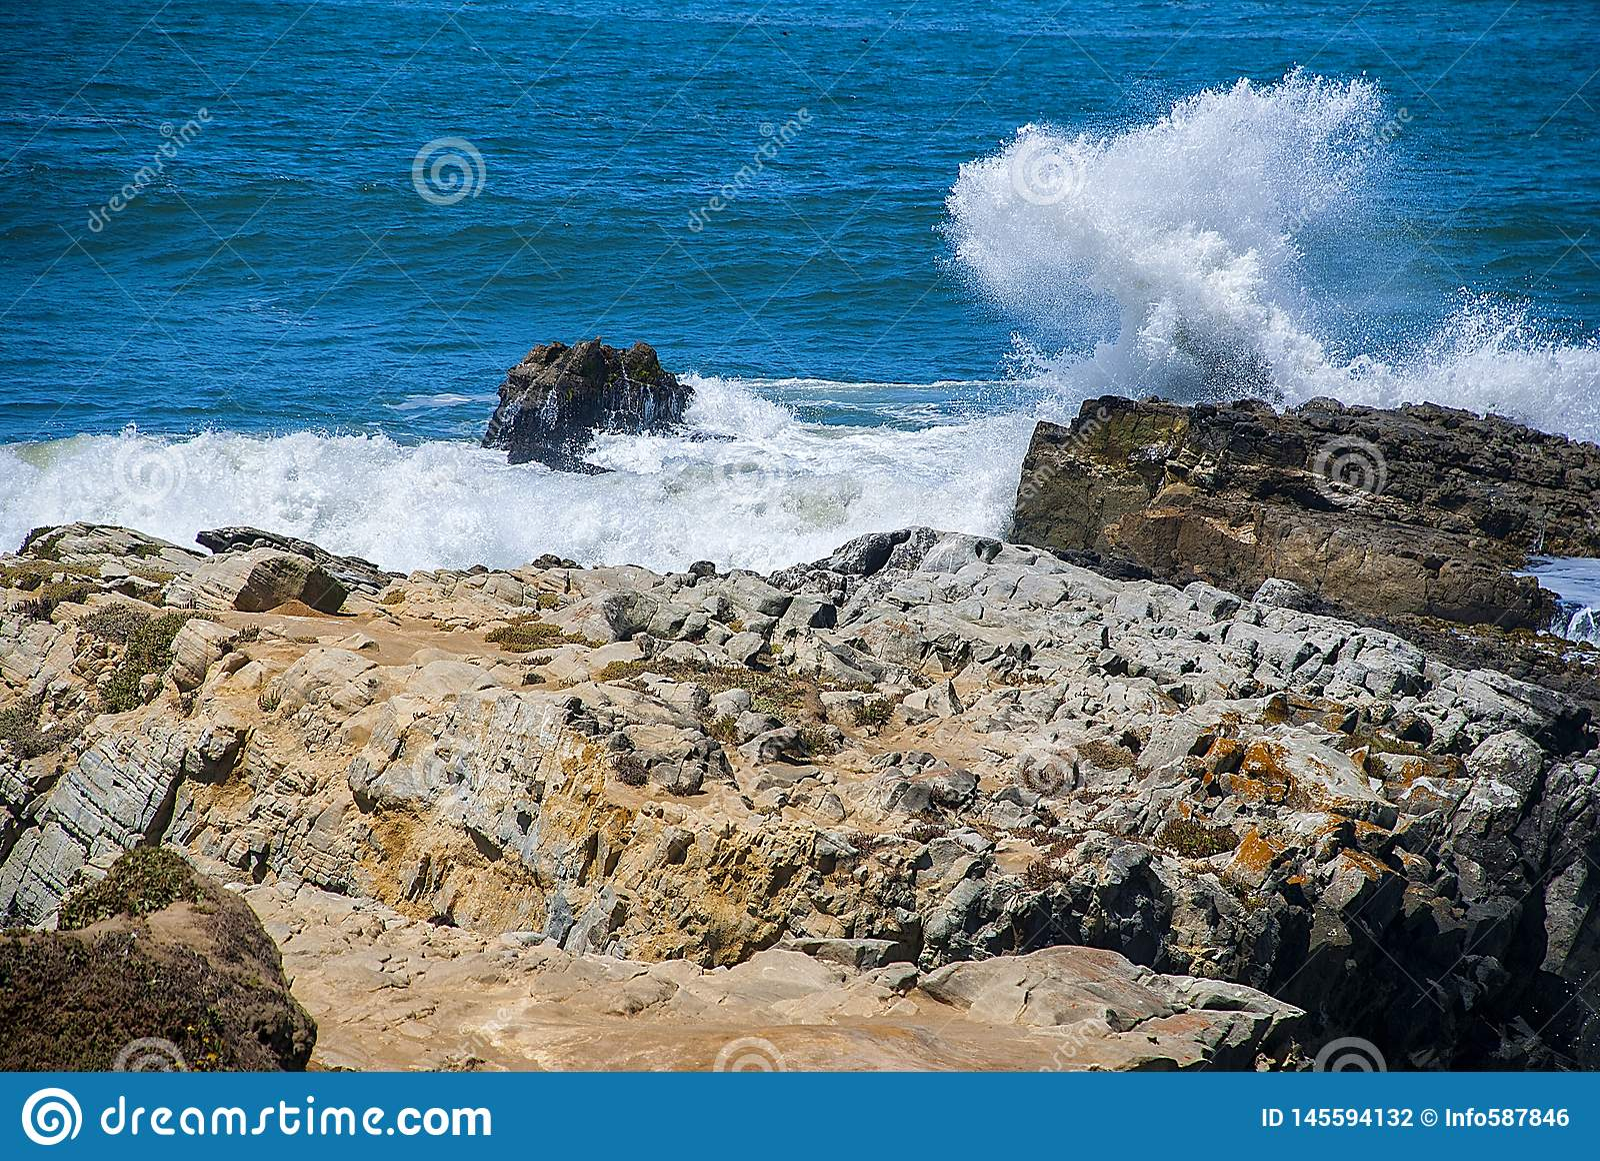 Συντρίβοντας κύματα, ατλαντικός μπλε ωκεανός